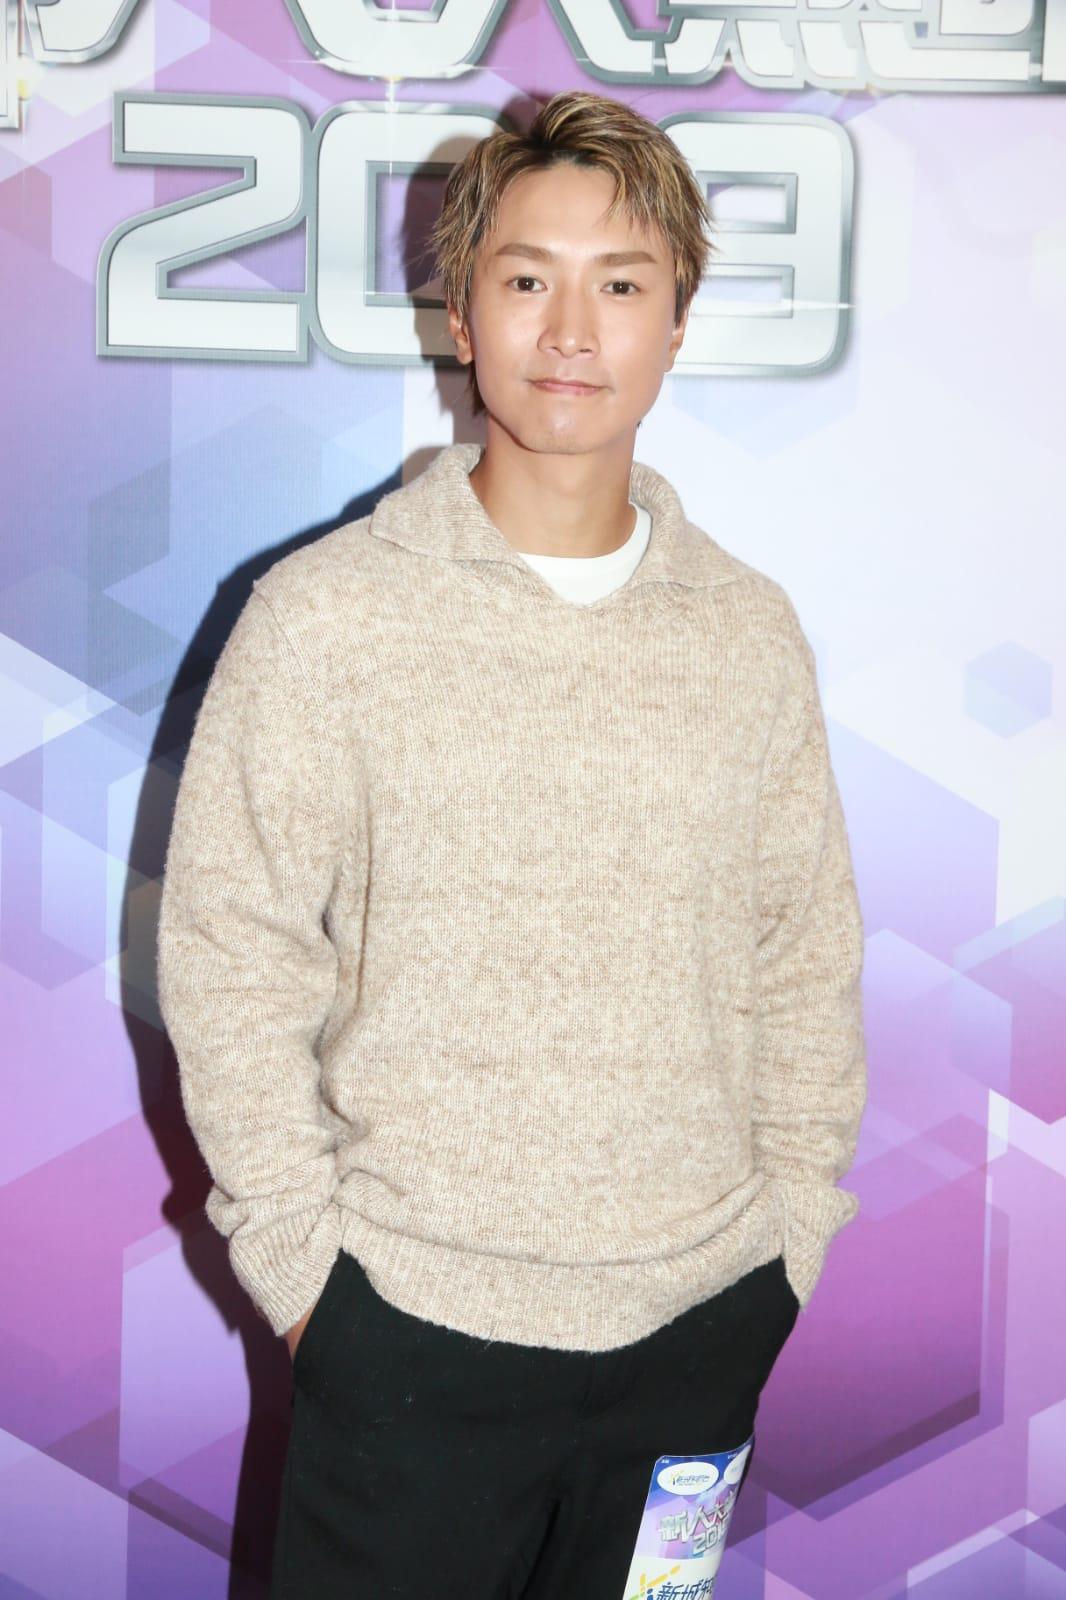 社會氣氛唔好,陳柏宇覺得唔需要強求外界關注樂壇,歌手最緊要做好自己本分。